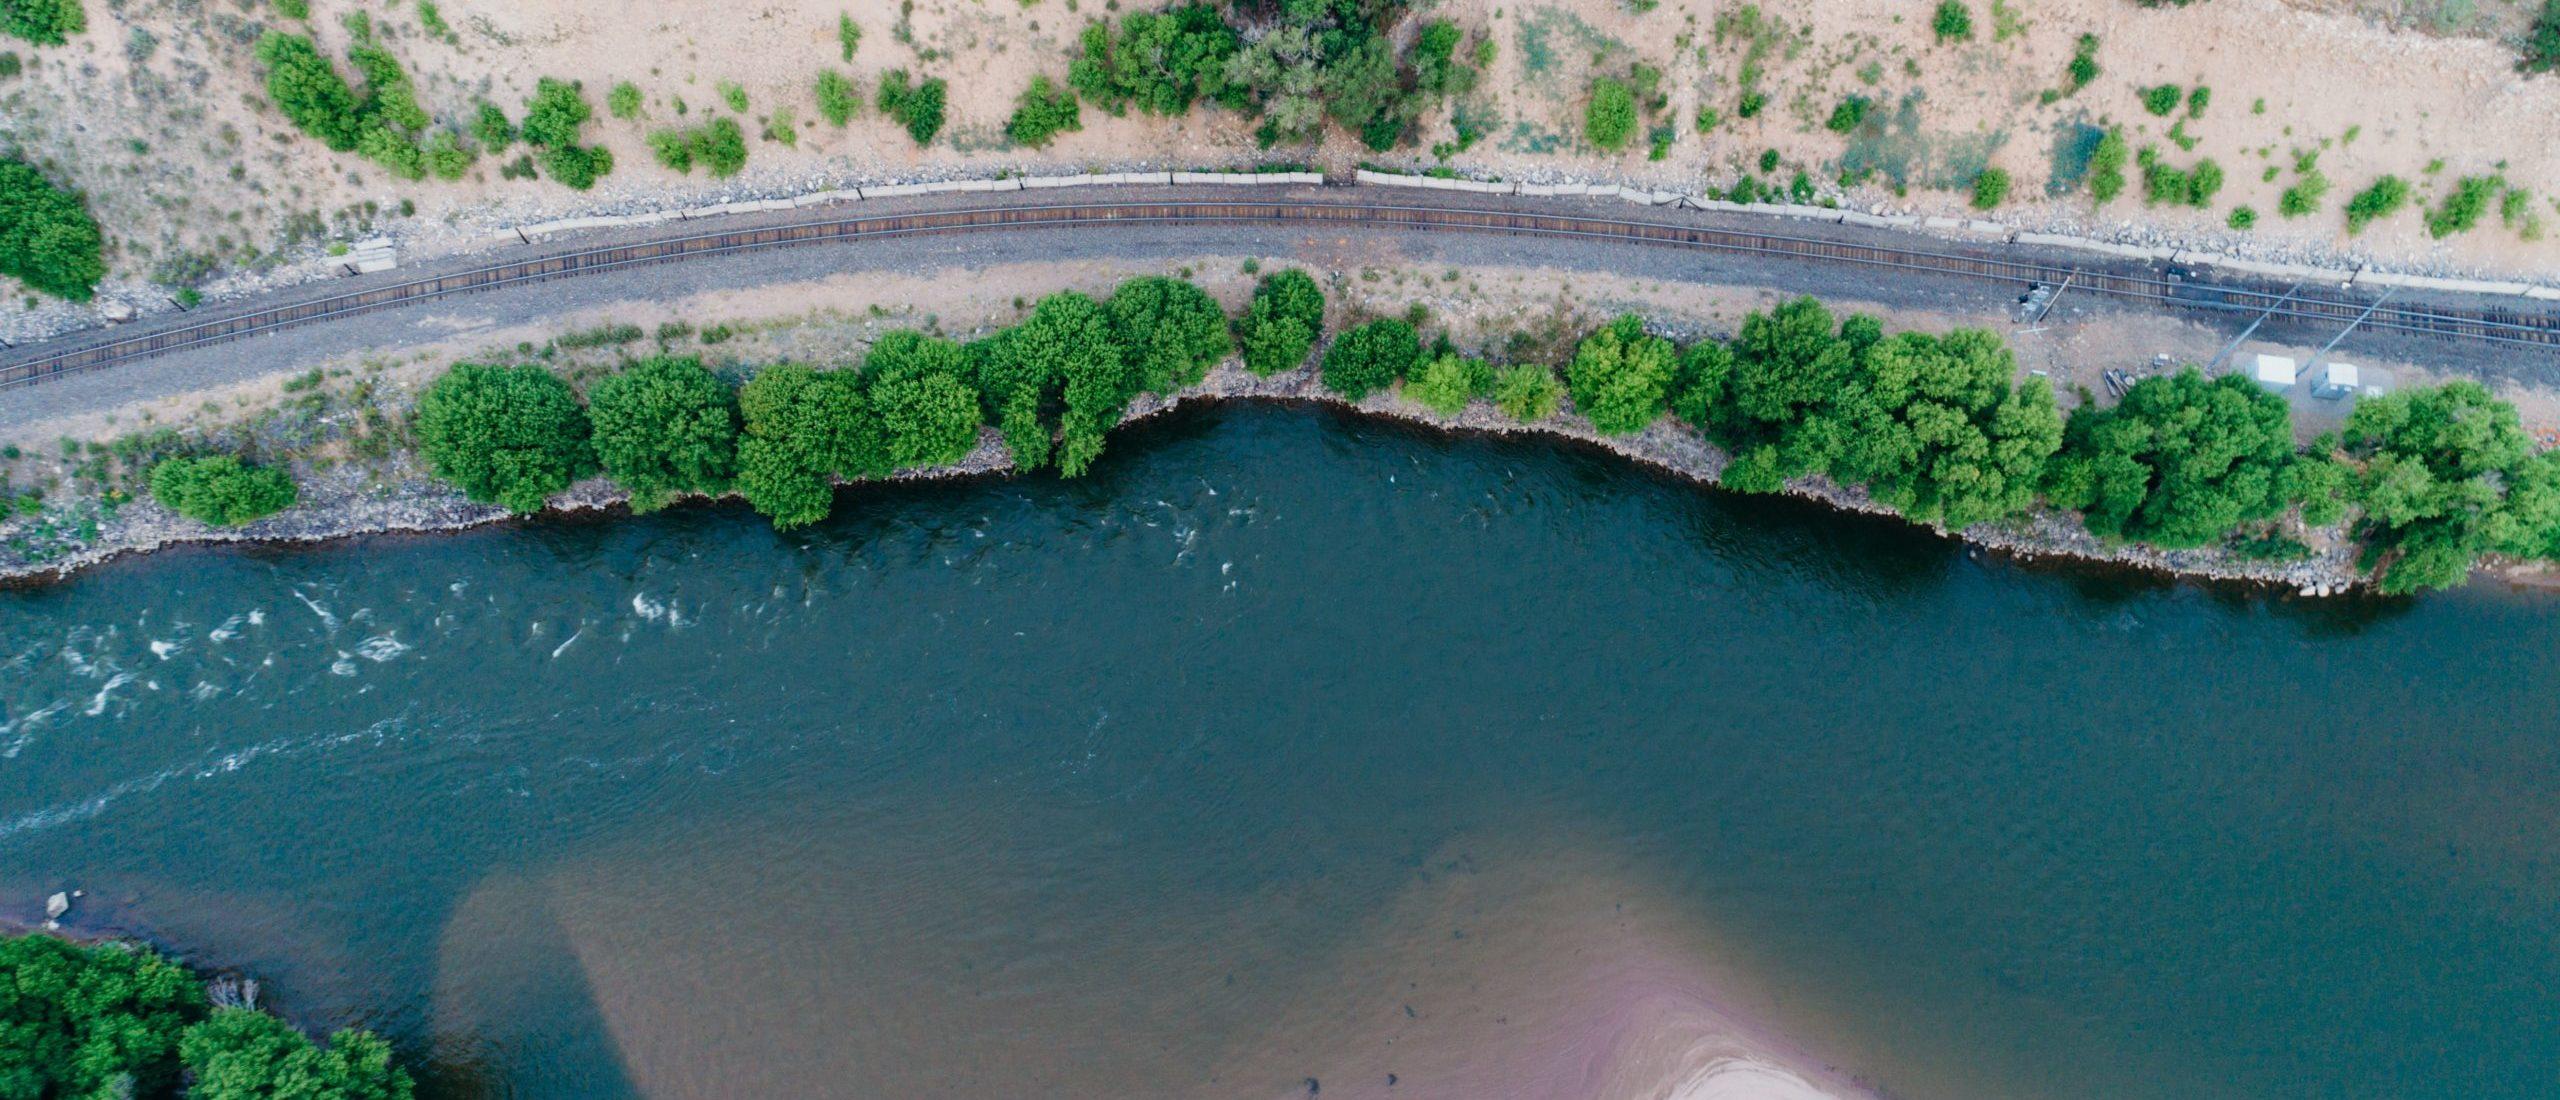 Río al borde de la carretera